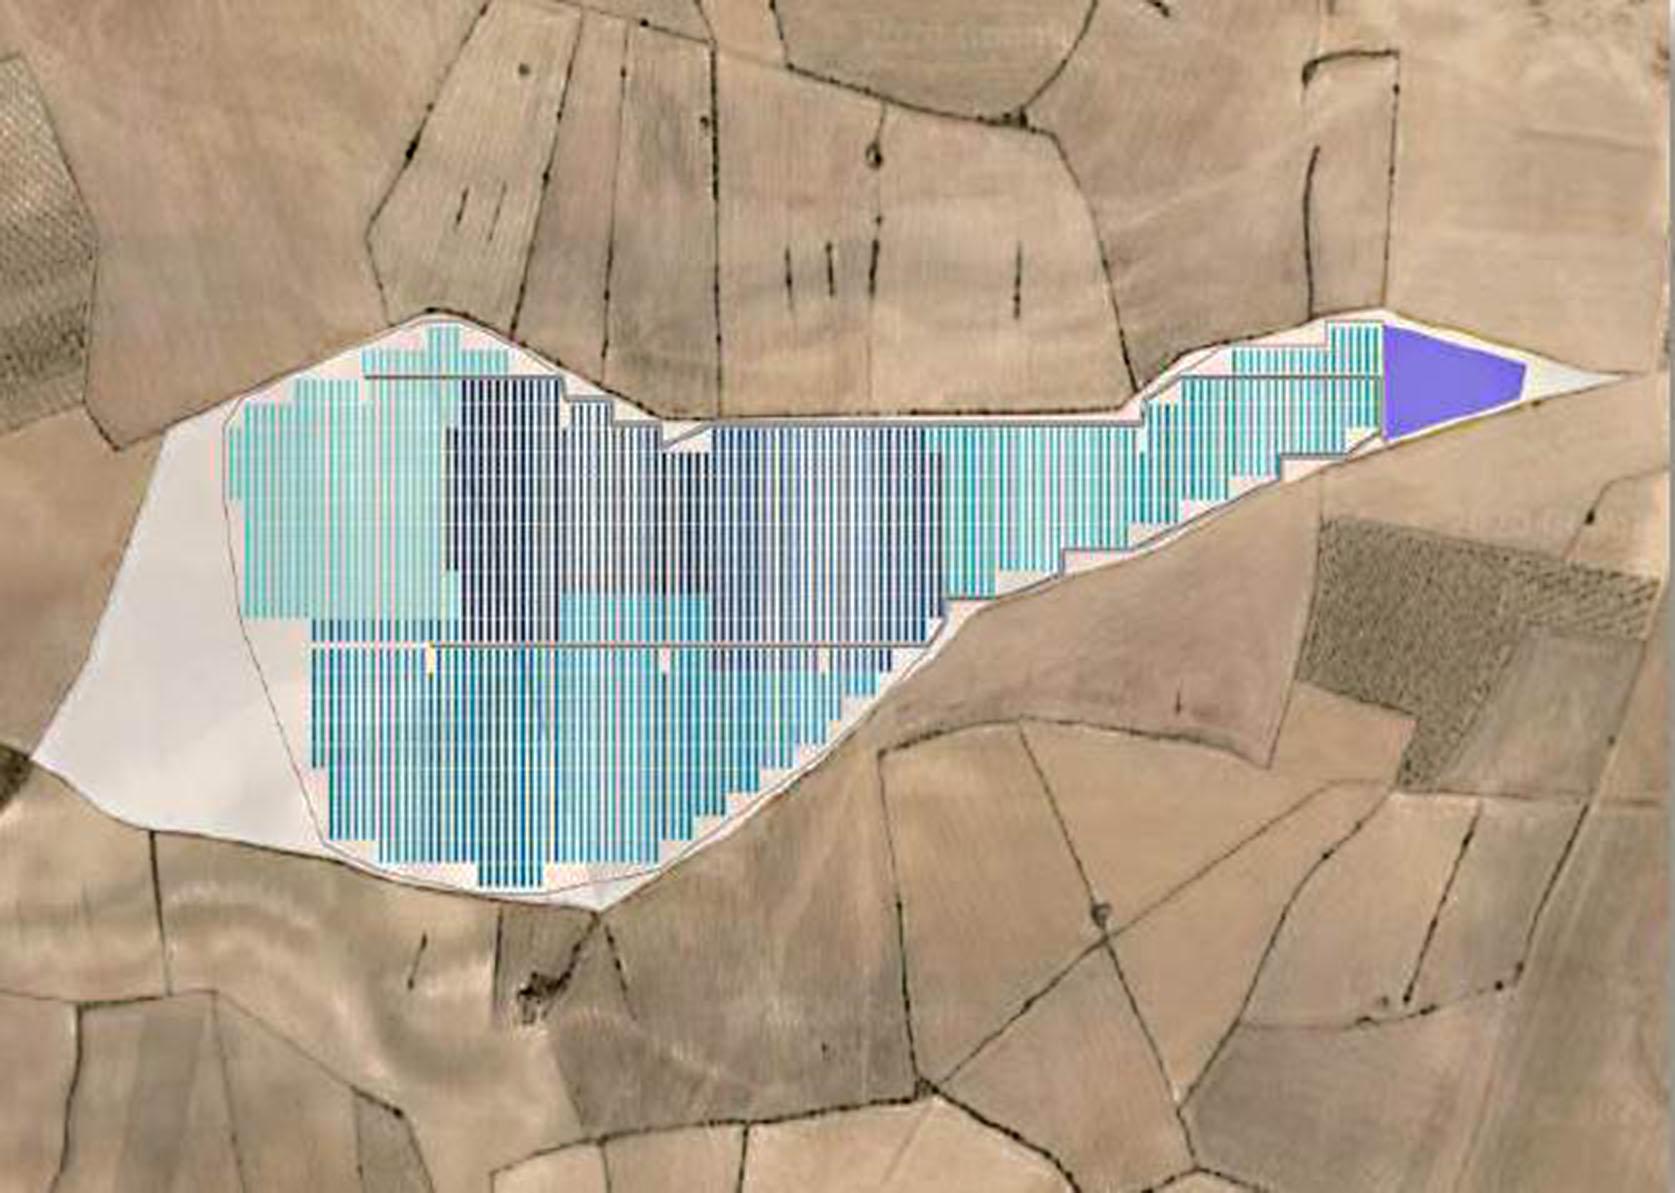 Fraga tindrà el 2021 una planta fotovoltaica*